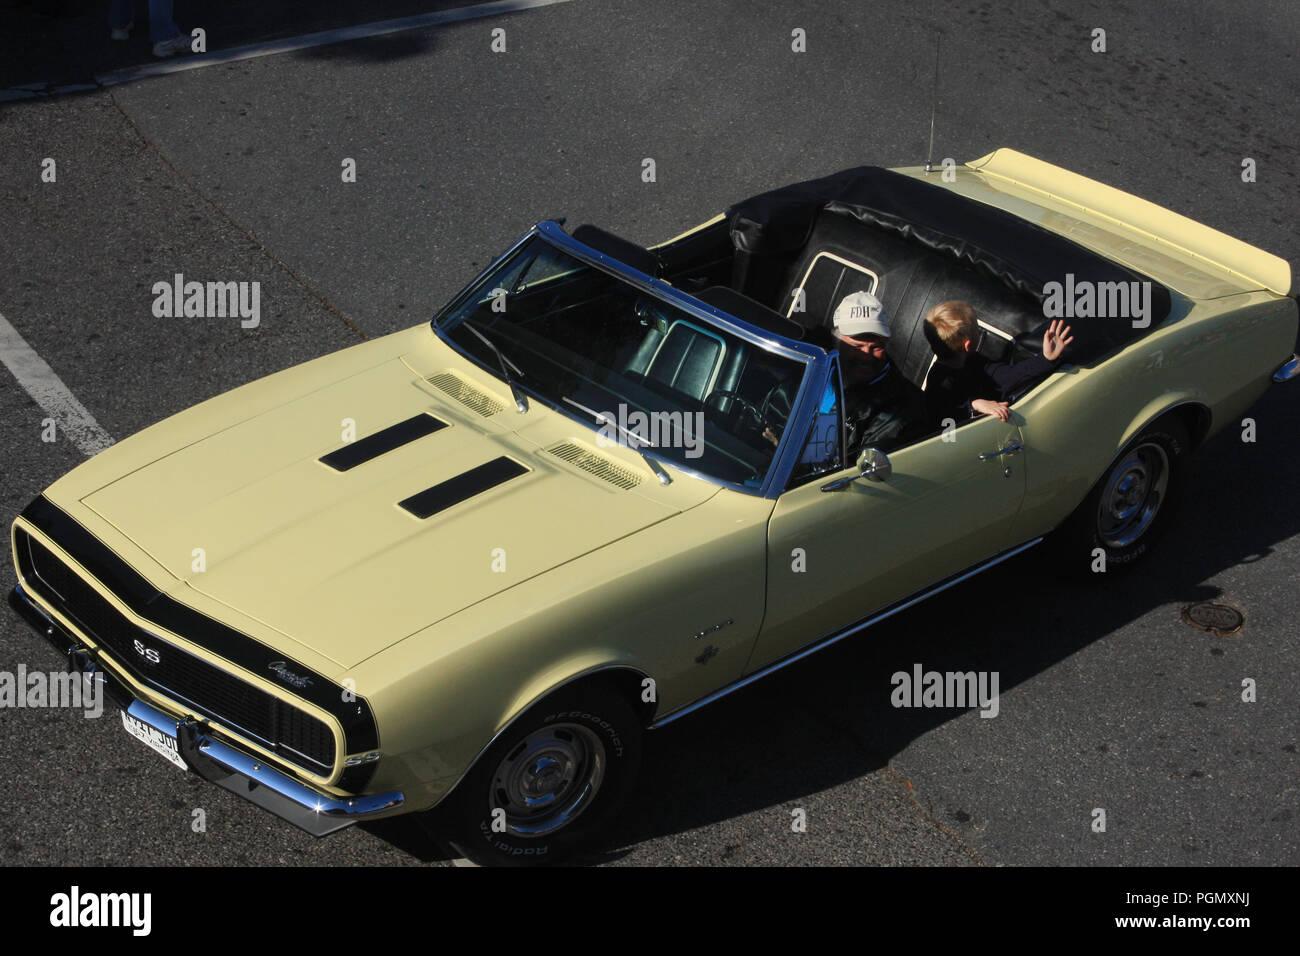 Kekurangan Chevrolet Camaro Ss 1967 Murah Berkualitas